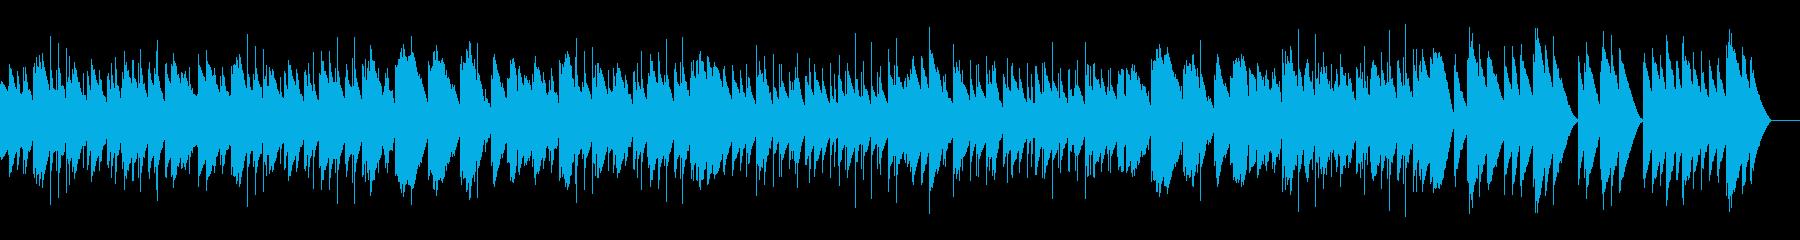 アイーダ 凱旋行進曲 (オルゴール)の再生済みの波形